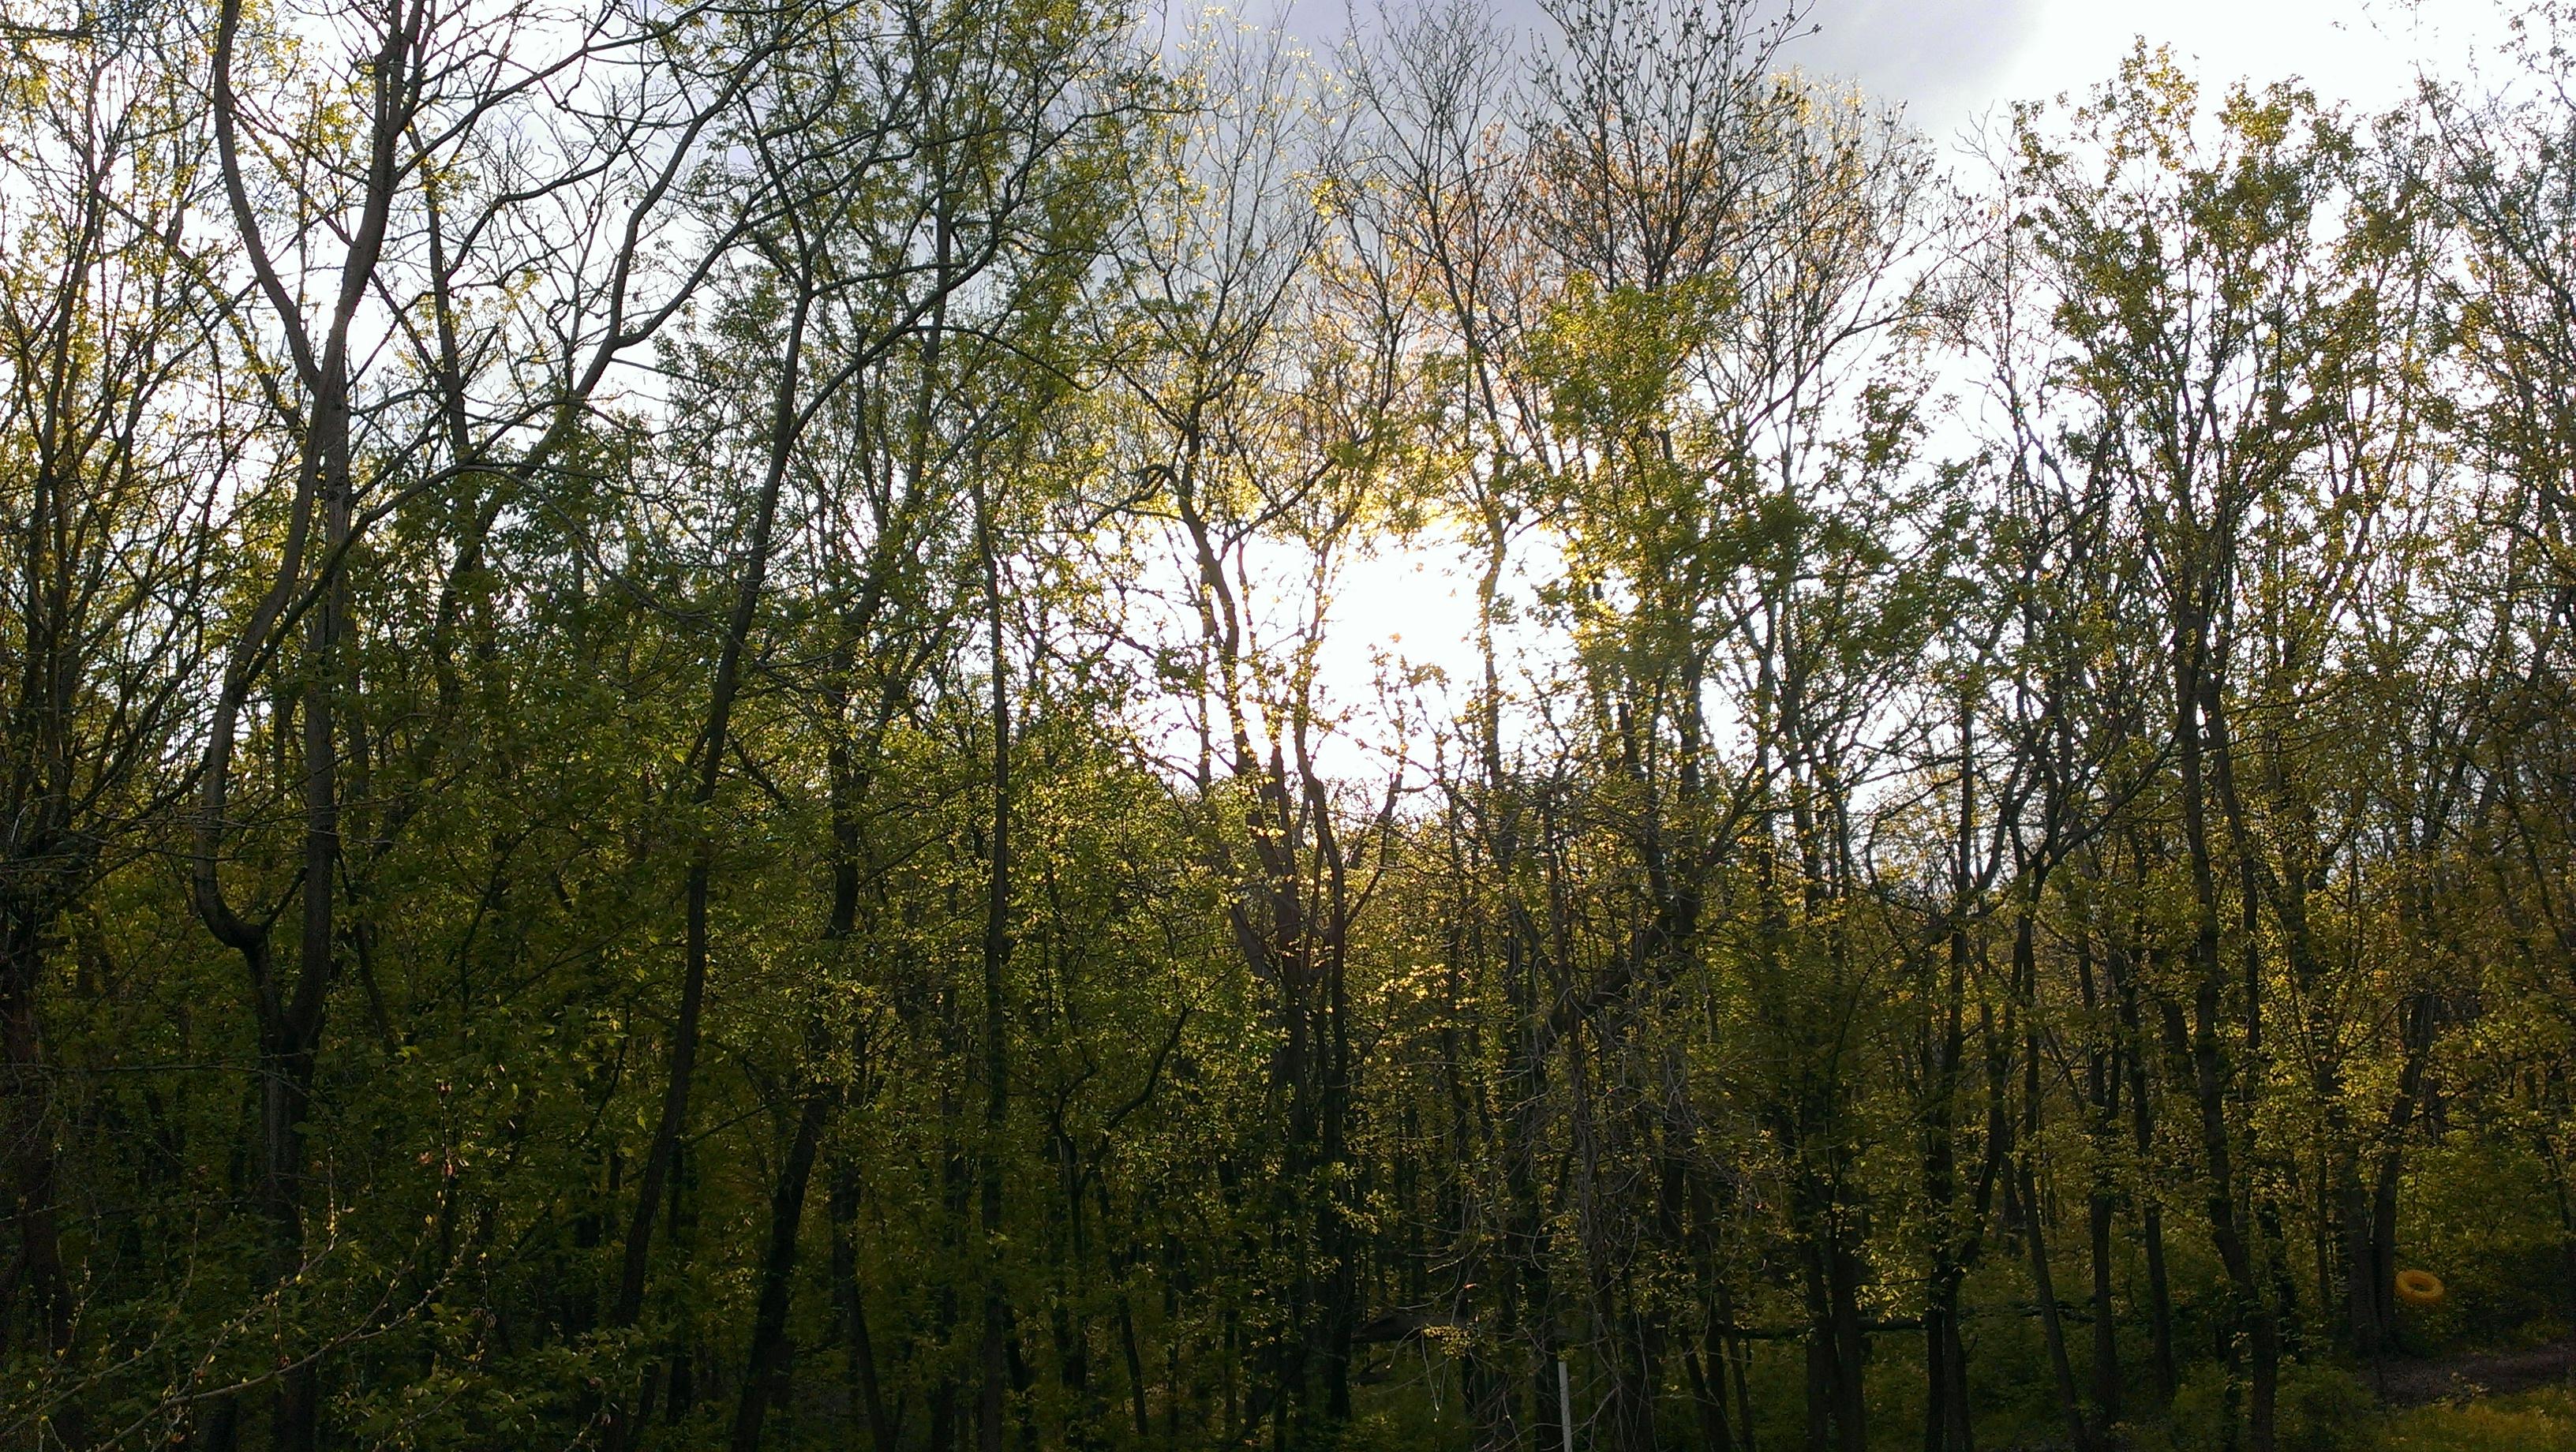 Ms. Lee's woods